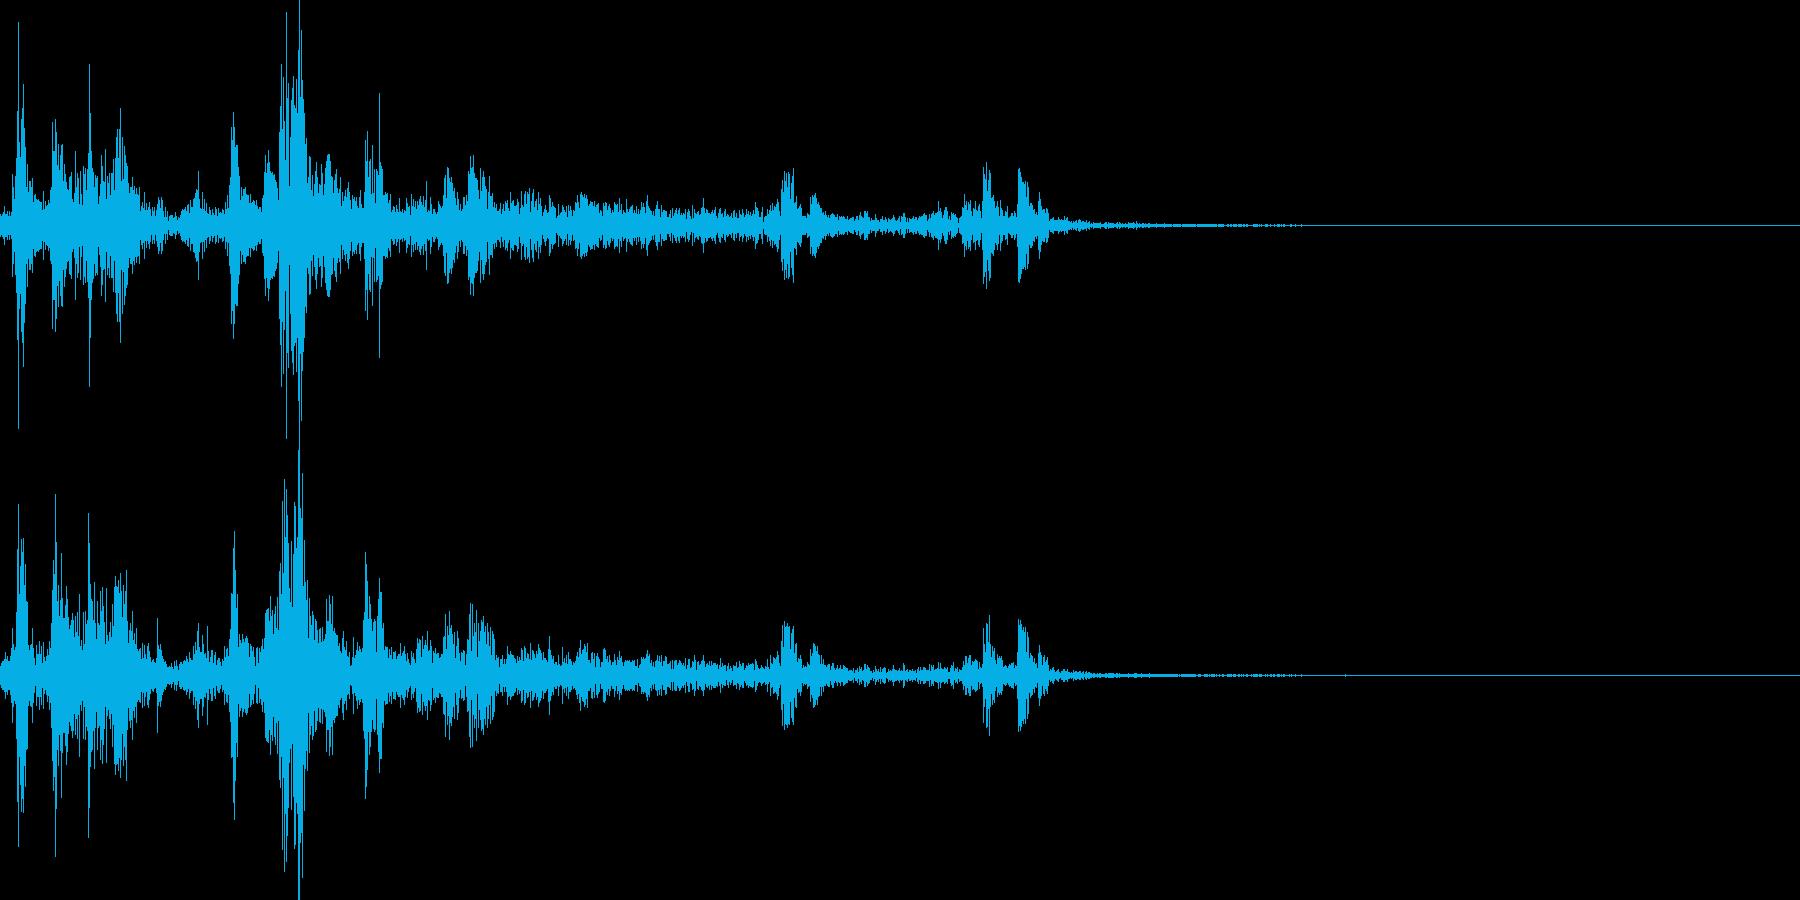 カメラのシャッター音(ウィンウィン)の再生済みの波形